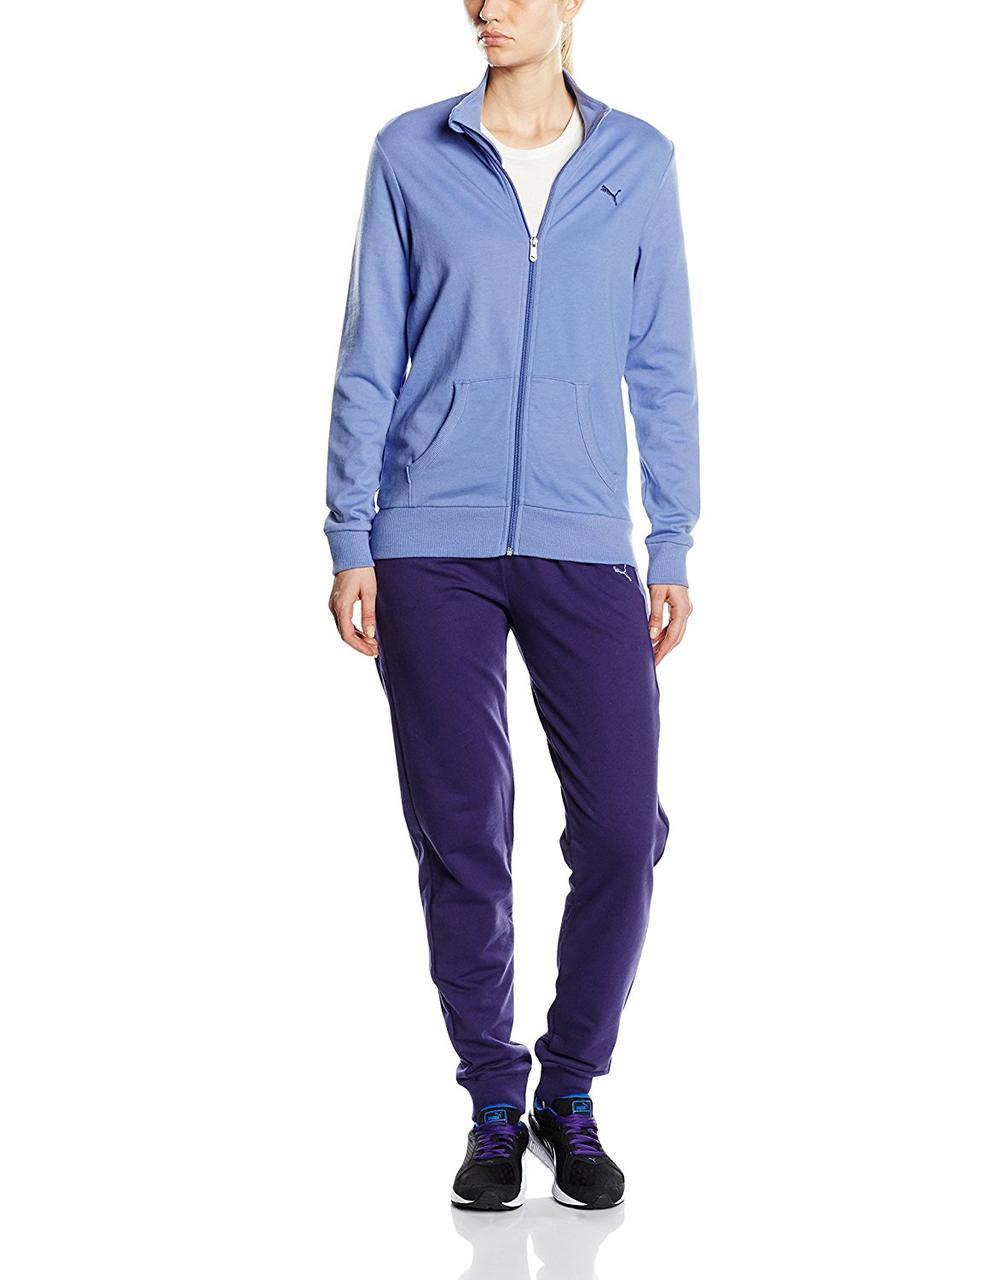 Костюм спортивный женский Puma Women's Tracksuit Sweat Suit 831824 40 пума